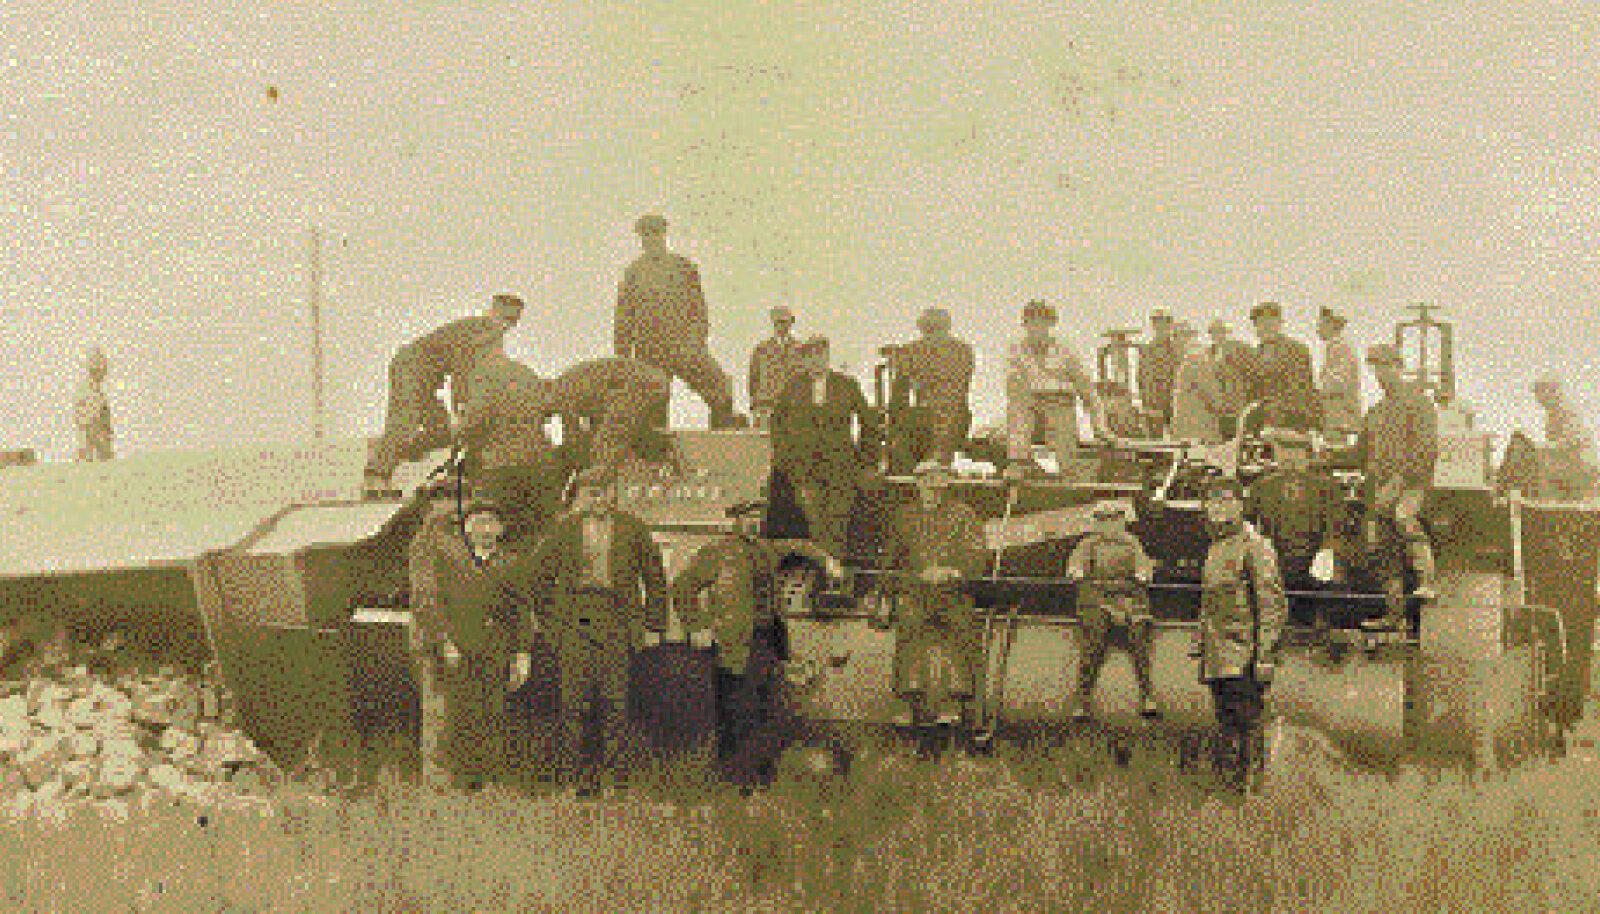 Õnnetus Loodi–Sinialliku jaama vahel 85. kilomeetril 17. juunil 1932